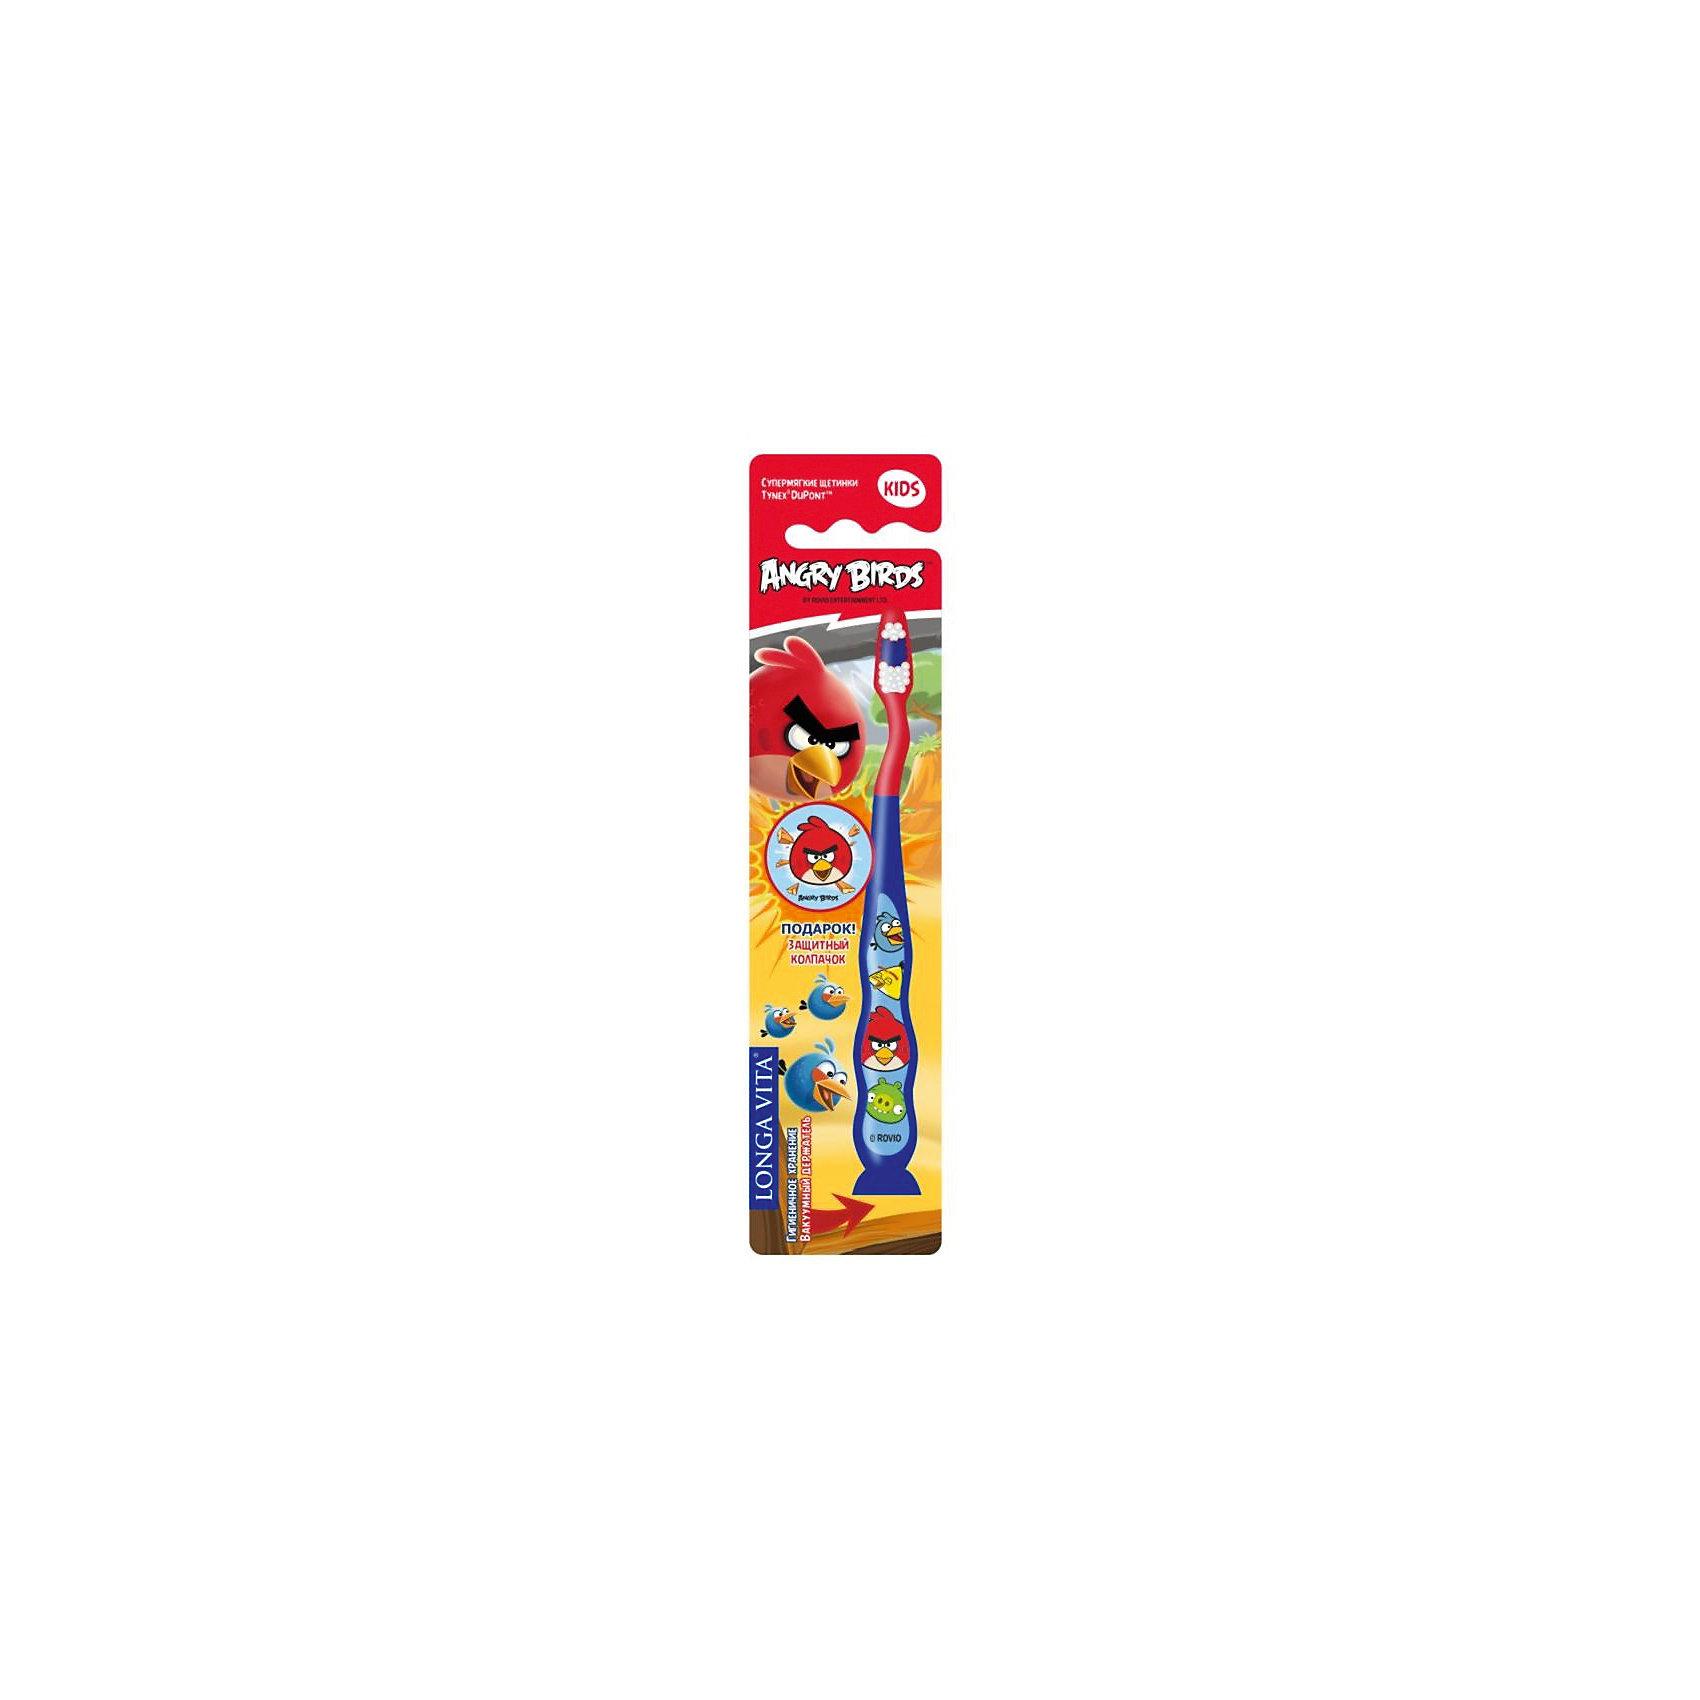 Детская зубная щетка с защитным колпачком, Angry Birds, LONGA VITA, синий